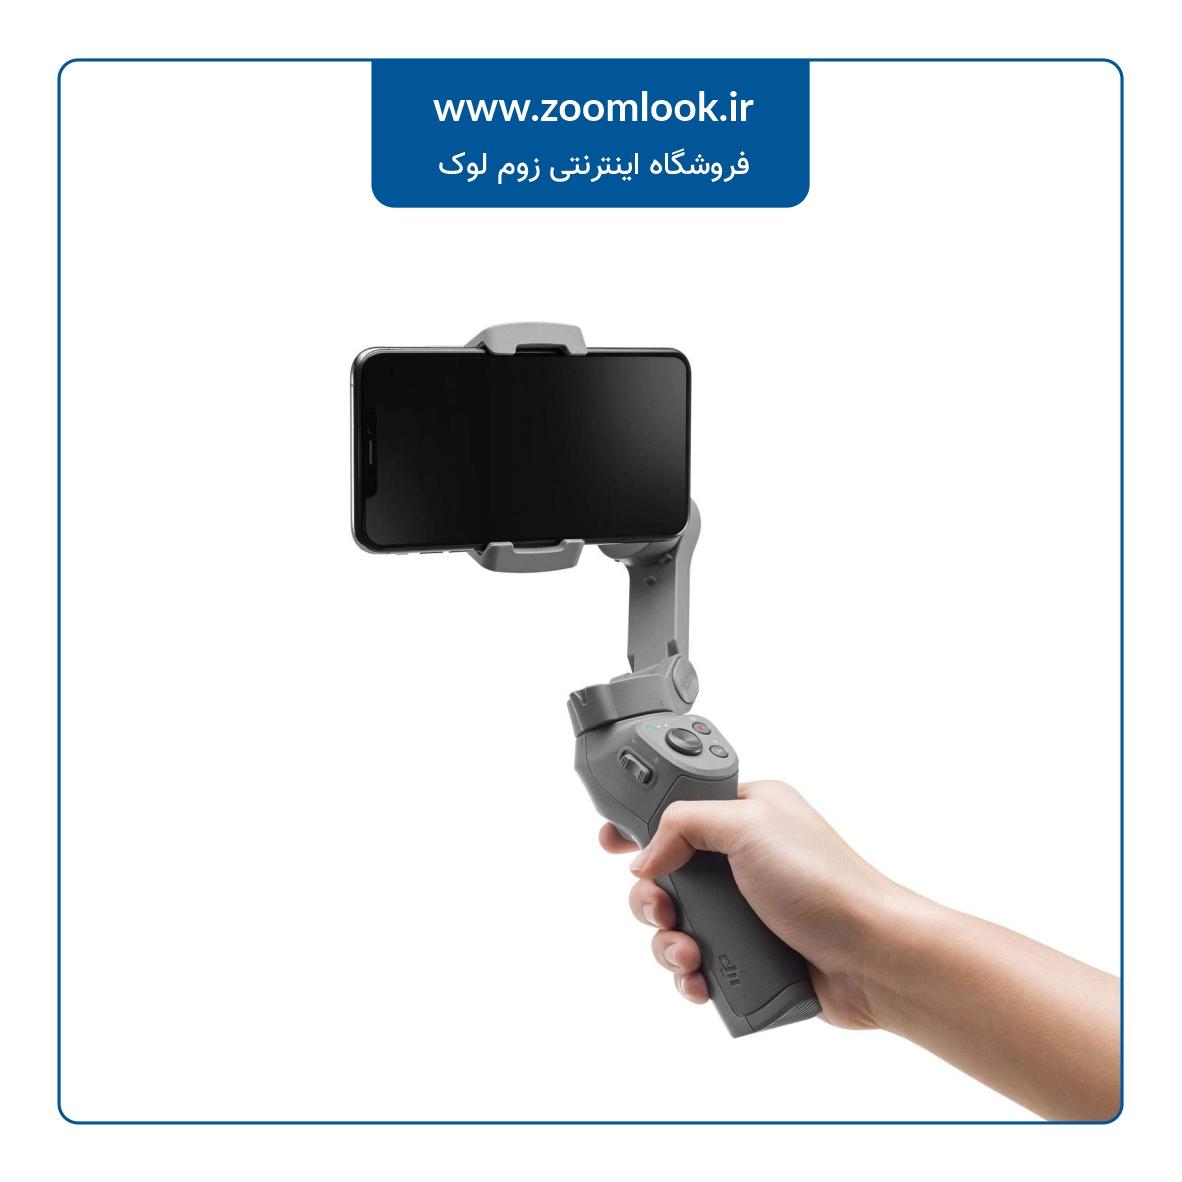 لرزشگیر اسمو موبایل DJI Osmo Mobile 3